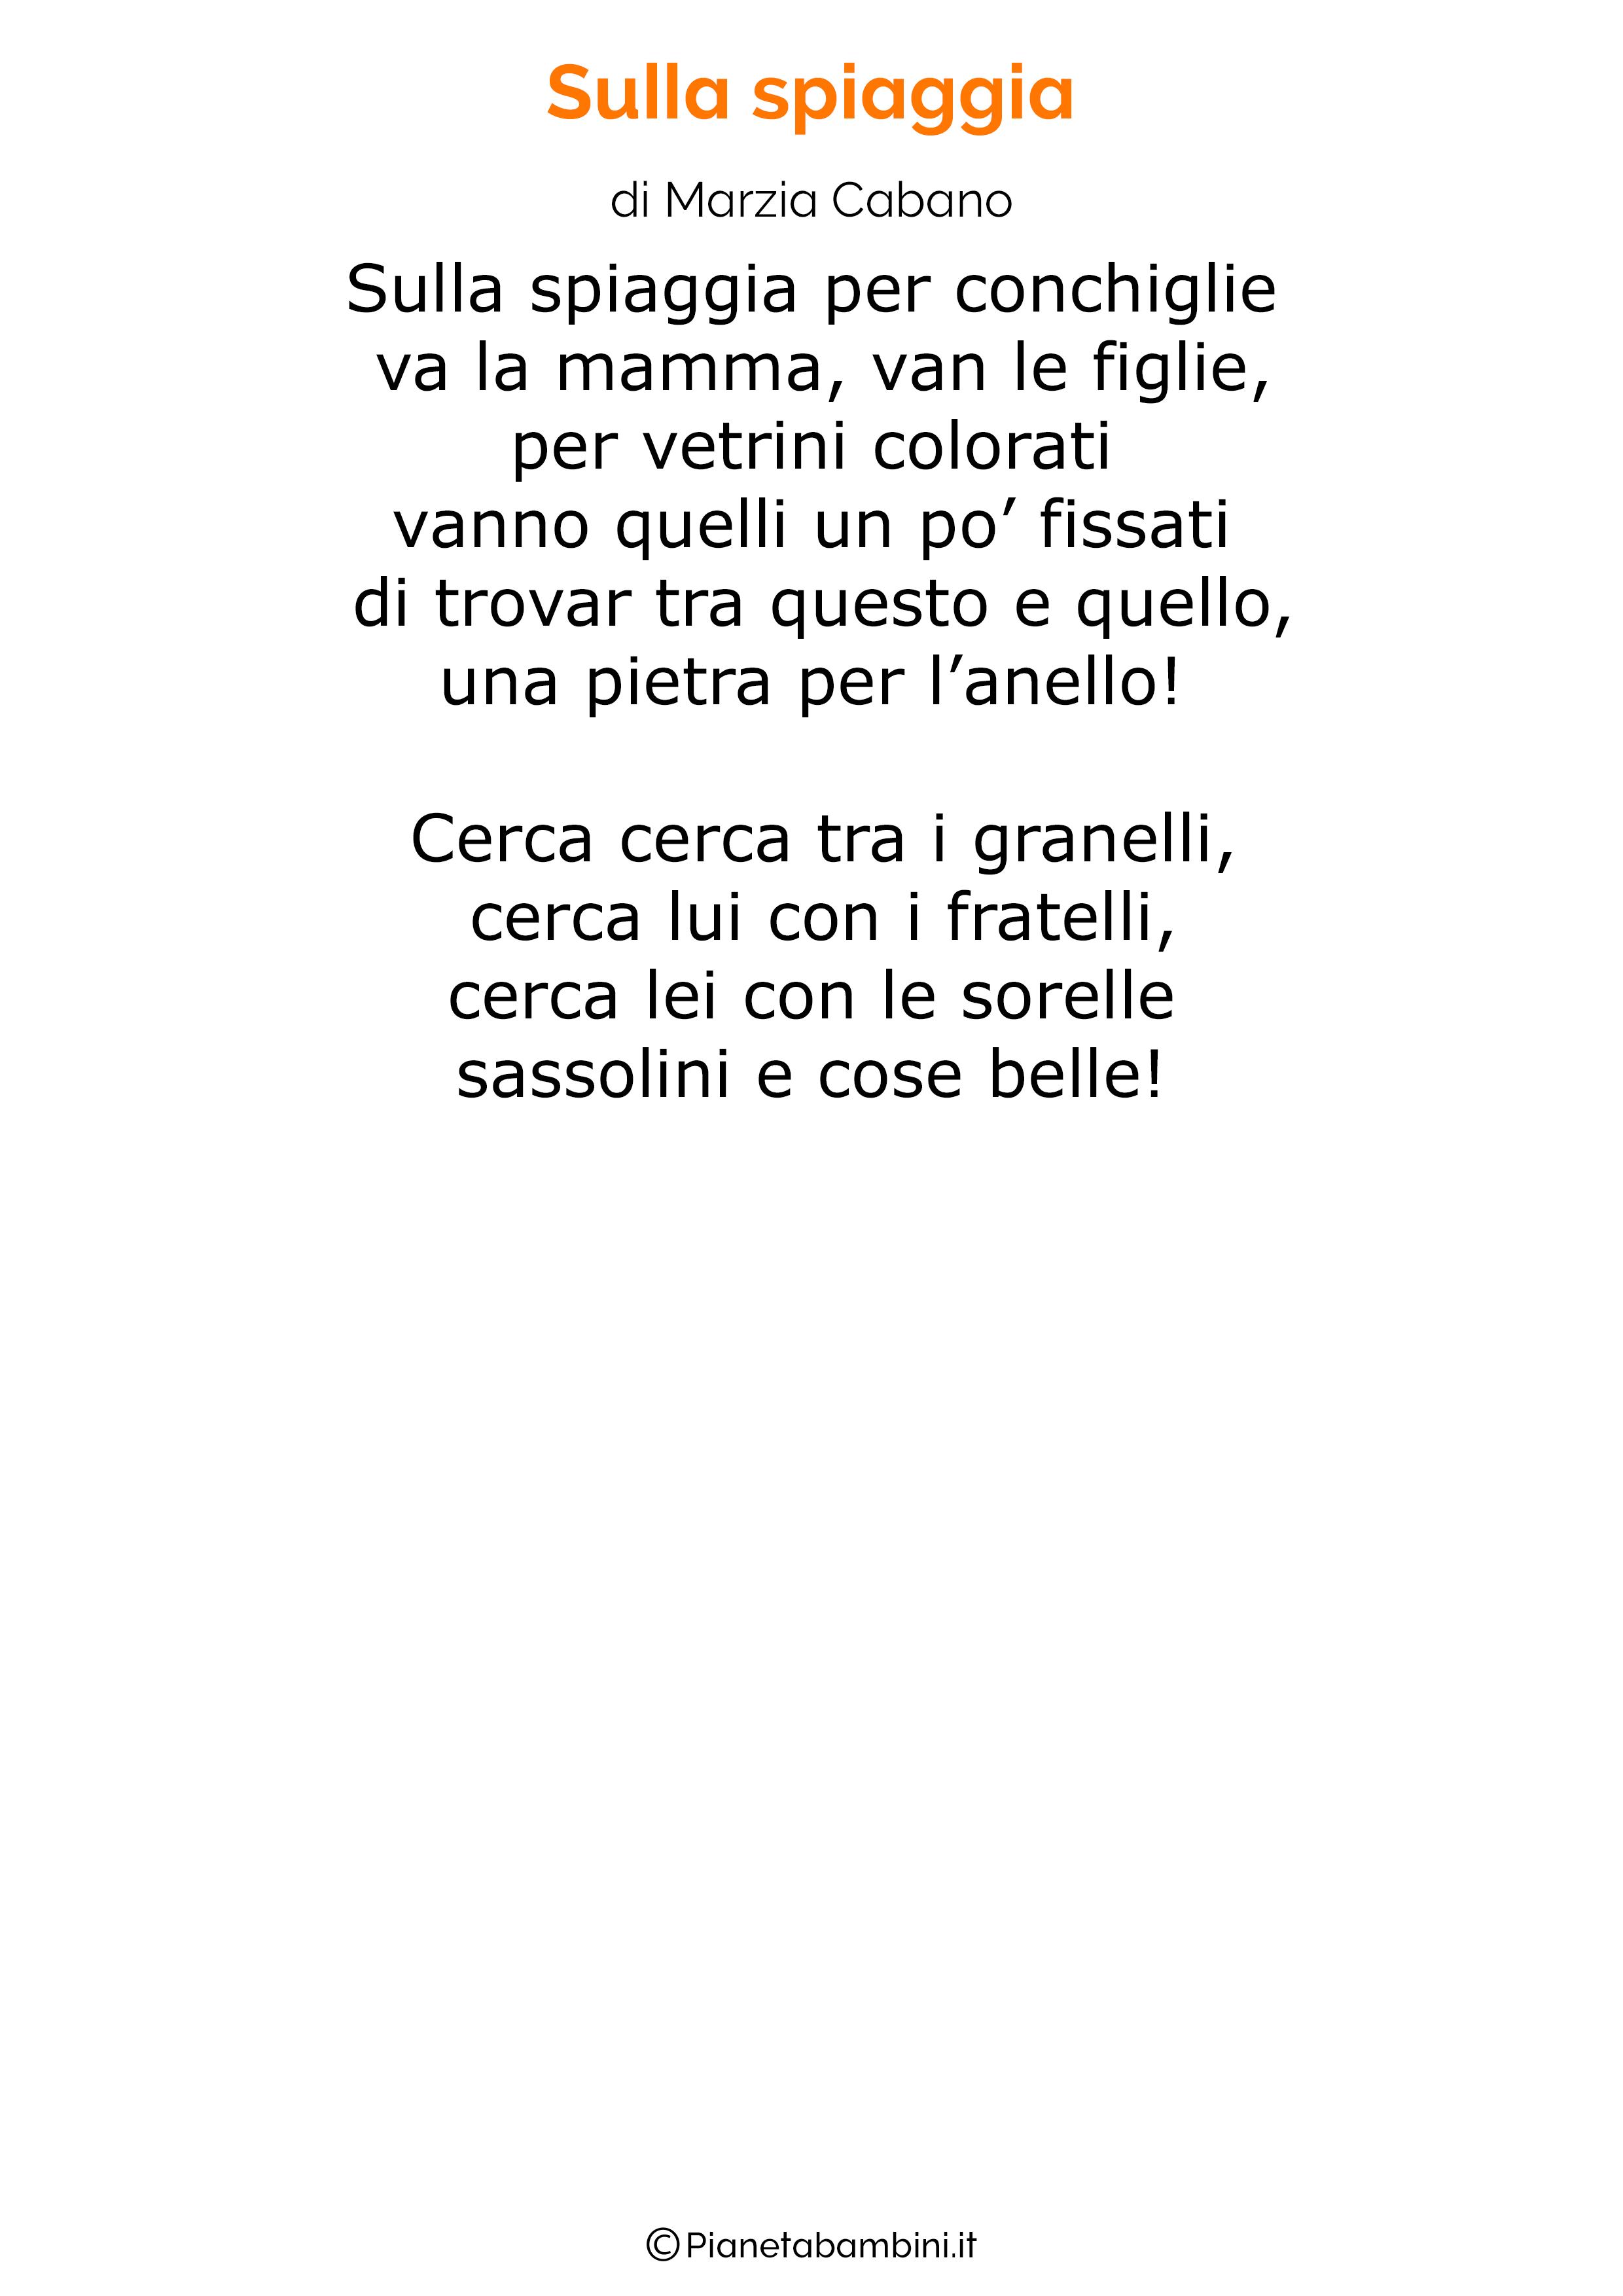 Poesia sul mare per bambini 14